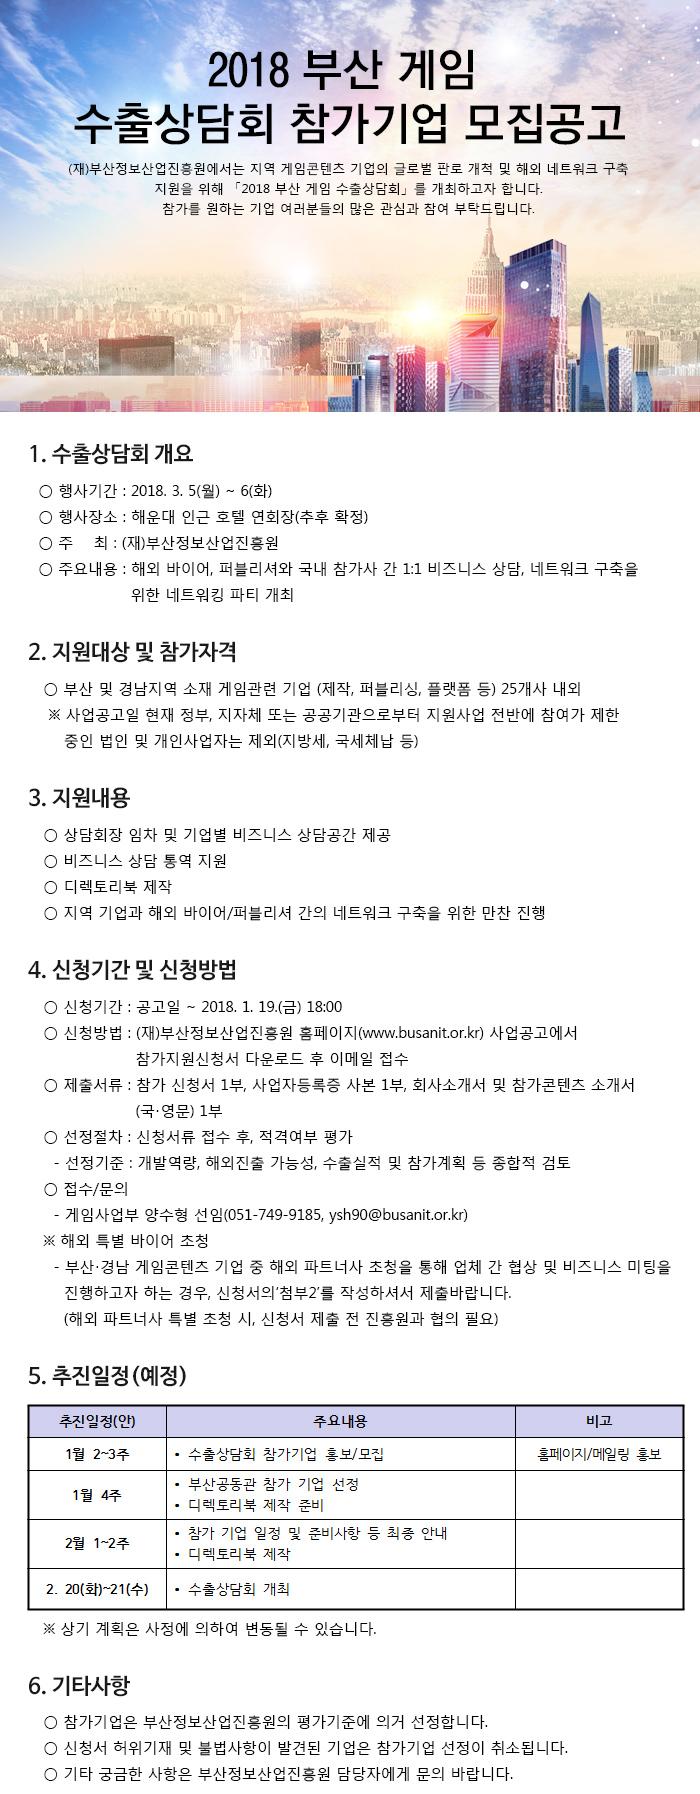 2018 부산 게임 수출상담회 참가기업 모집공고